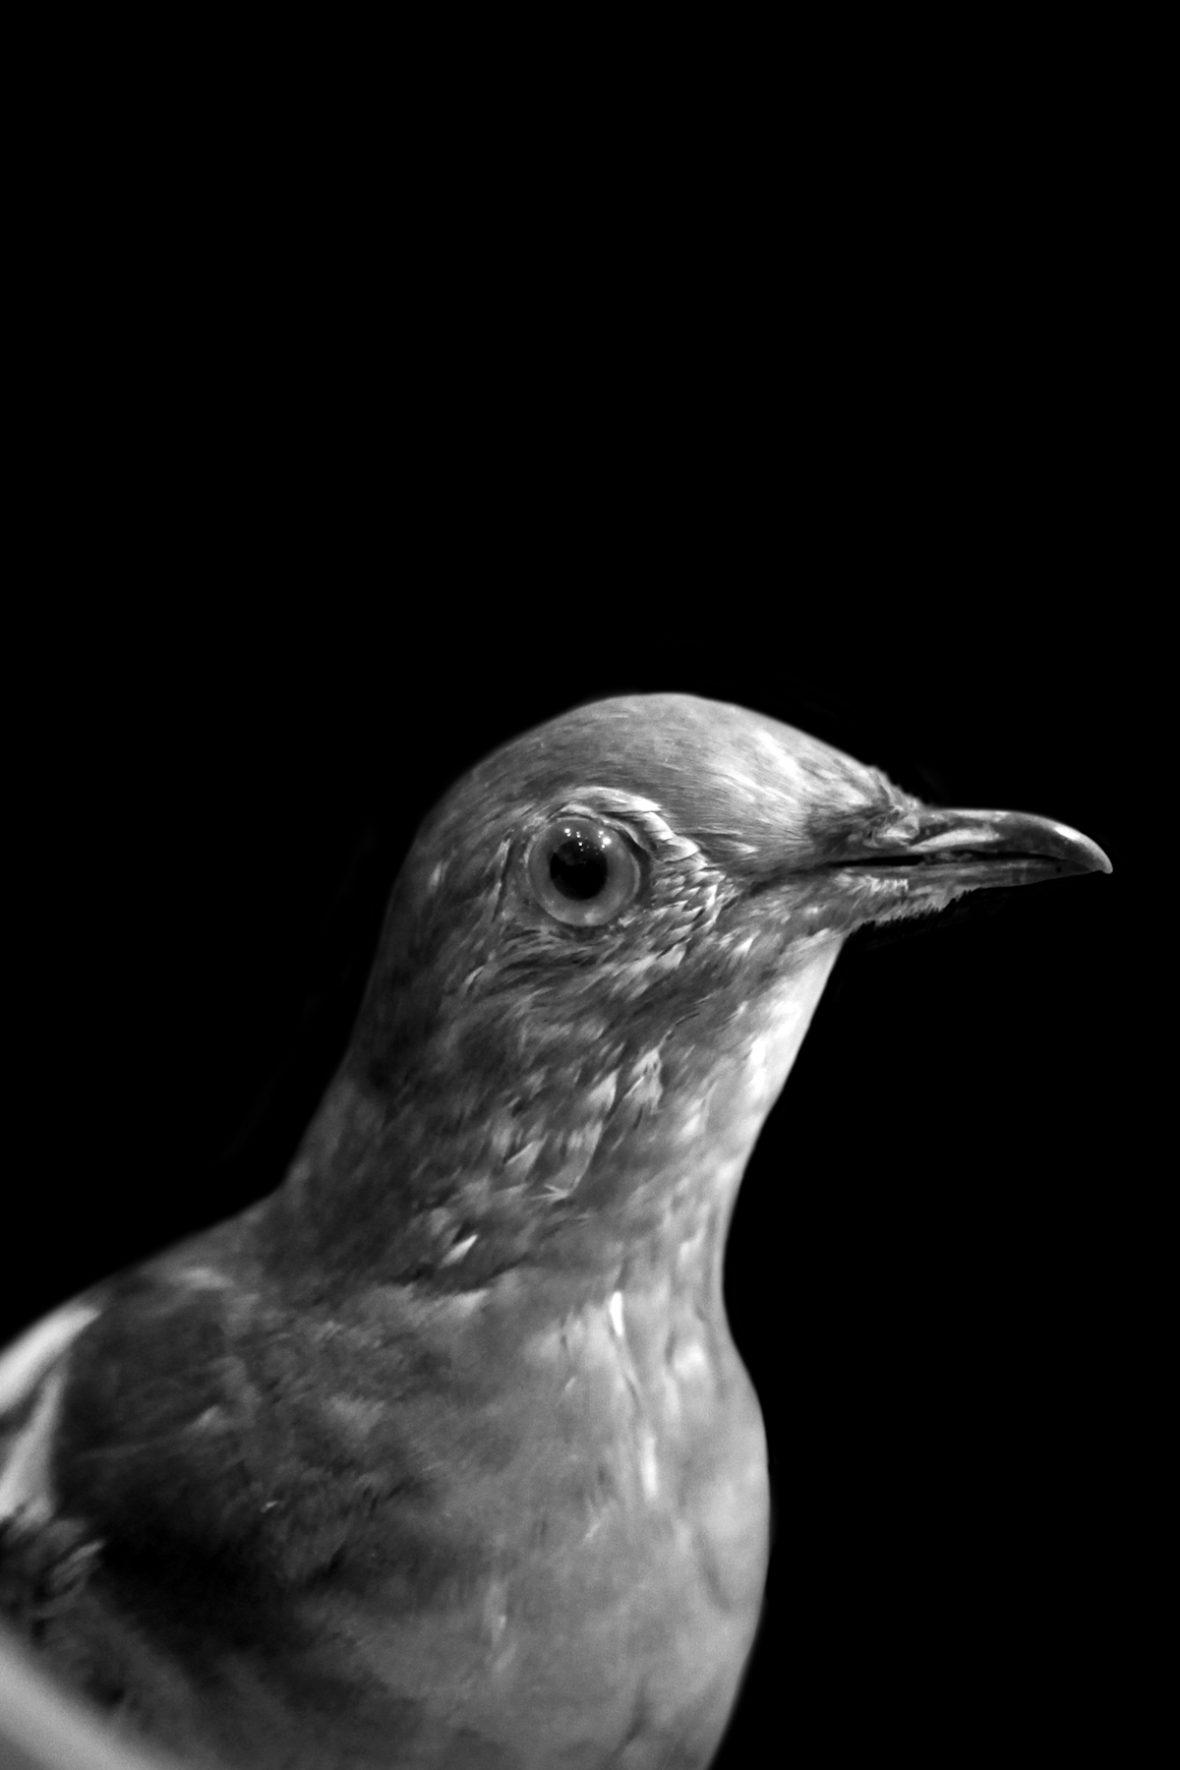 Die Wandertaube zählte noch Anfang des 19. Jahrhunderts mit 3-5 Milliarden Exemplaren zu den häufigsten Vogelarten der Welt. Der letzte wild lebende Vogel wurde 1900 abgeschossen.